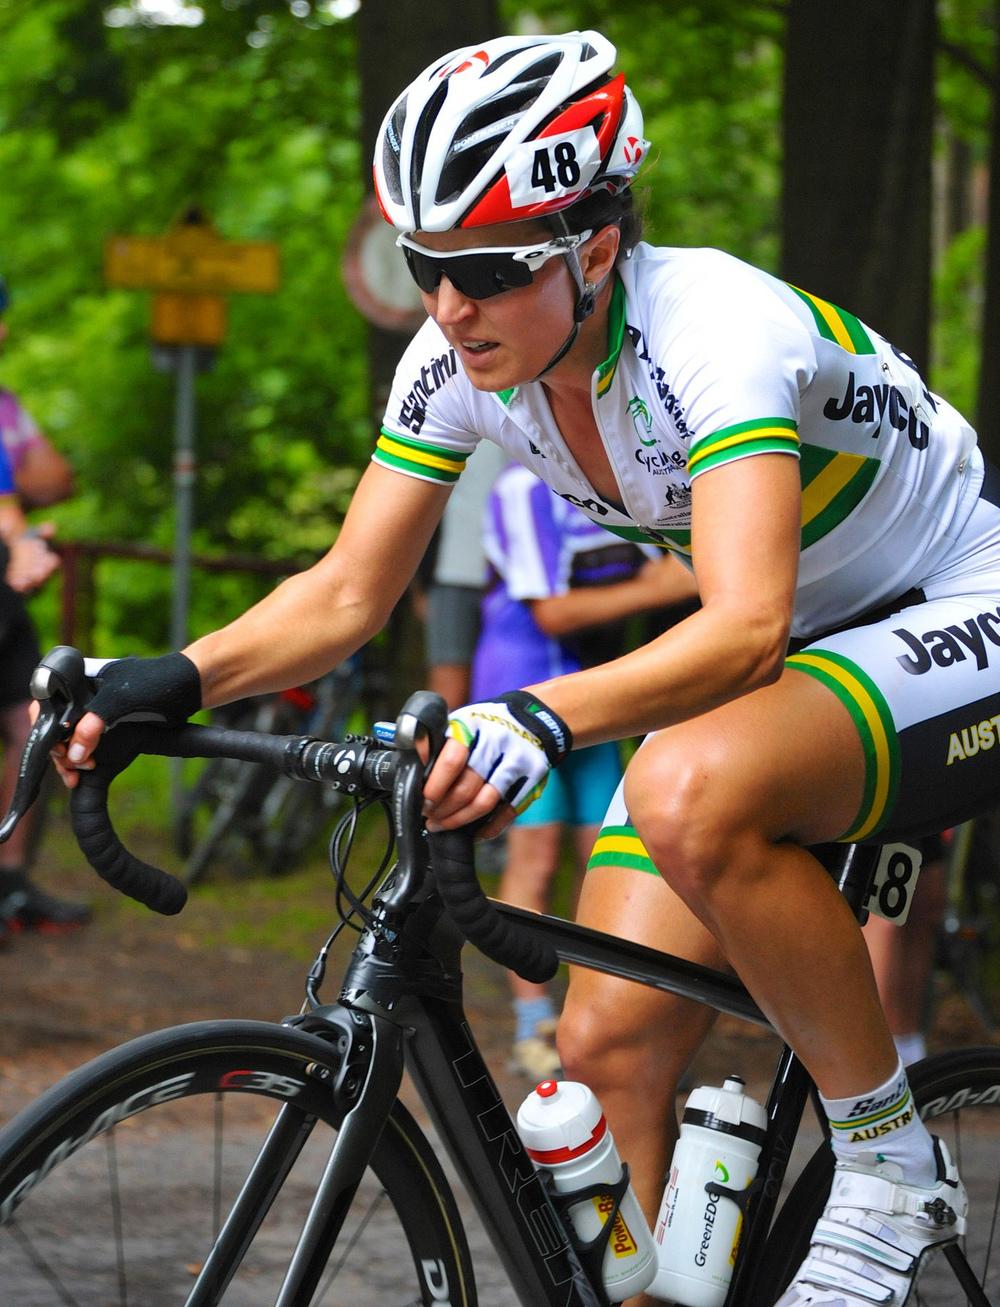 2013 Tour de Feminin, CZE